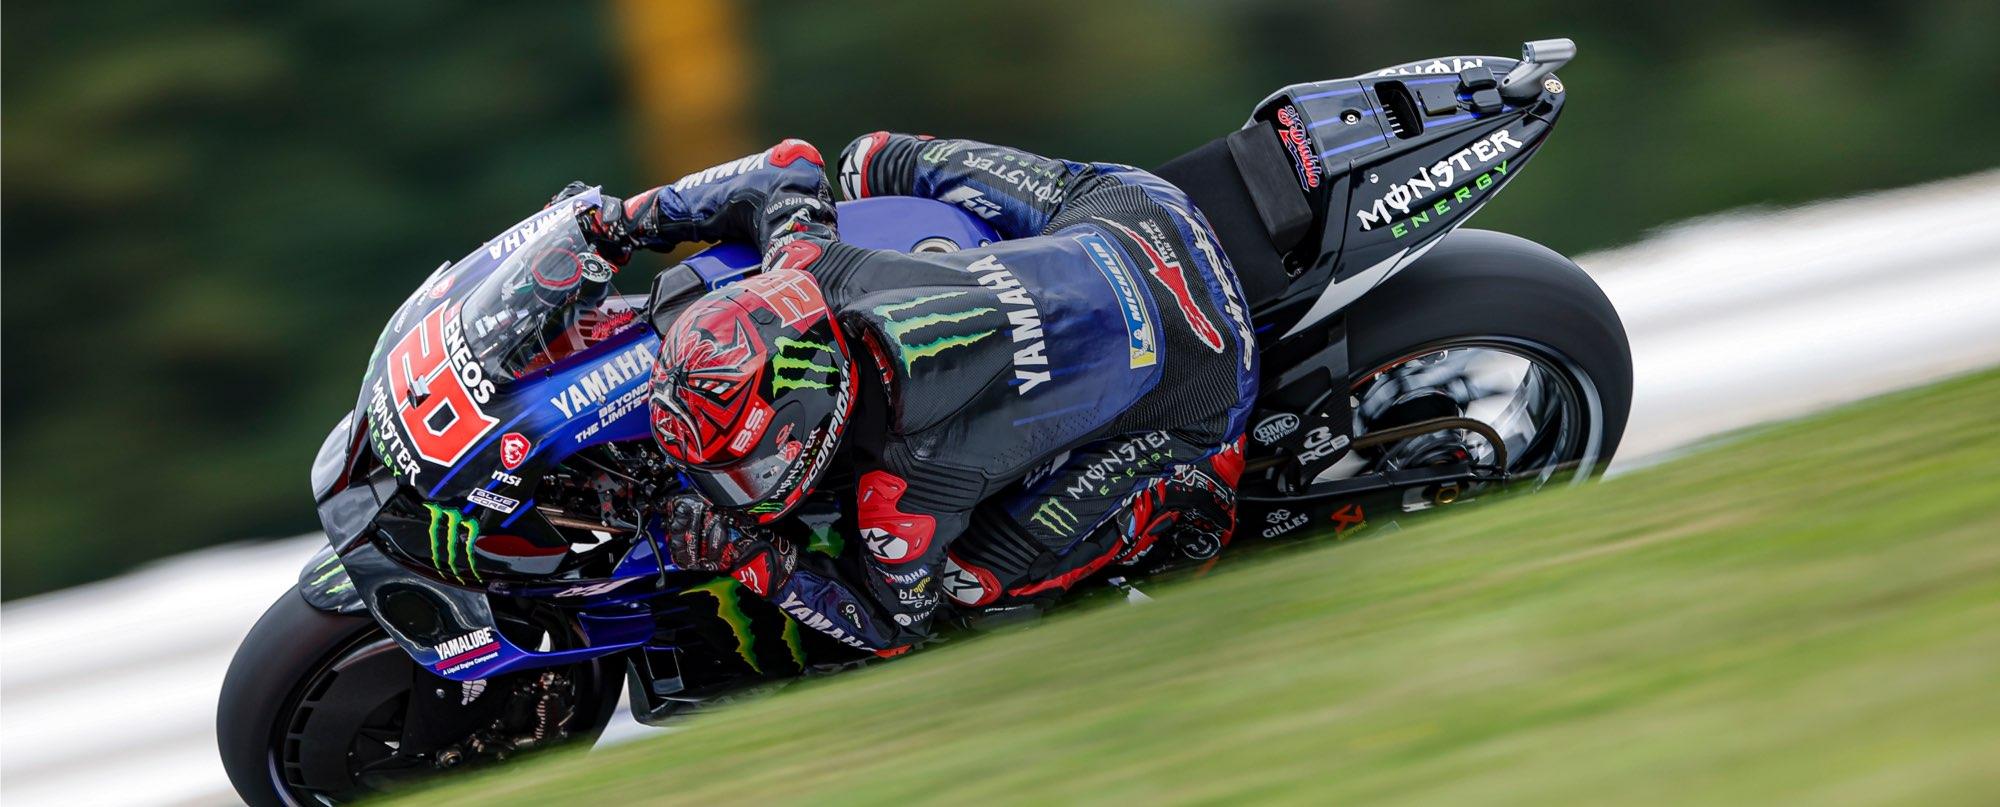 2017 MotoGP season